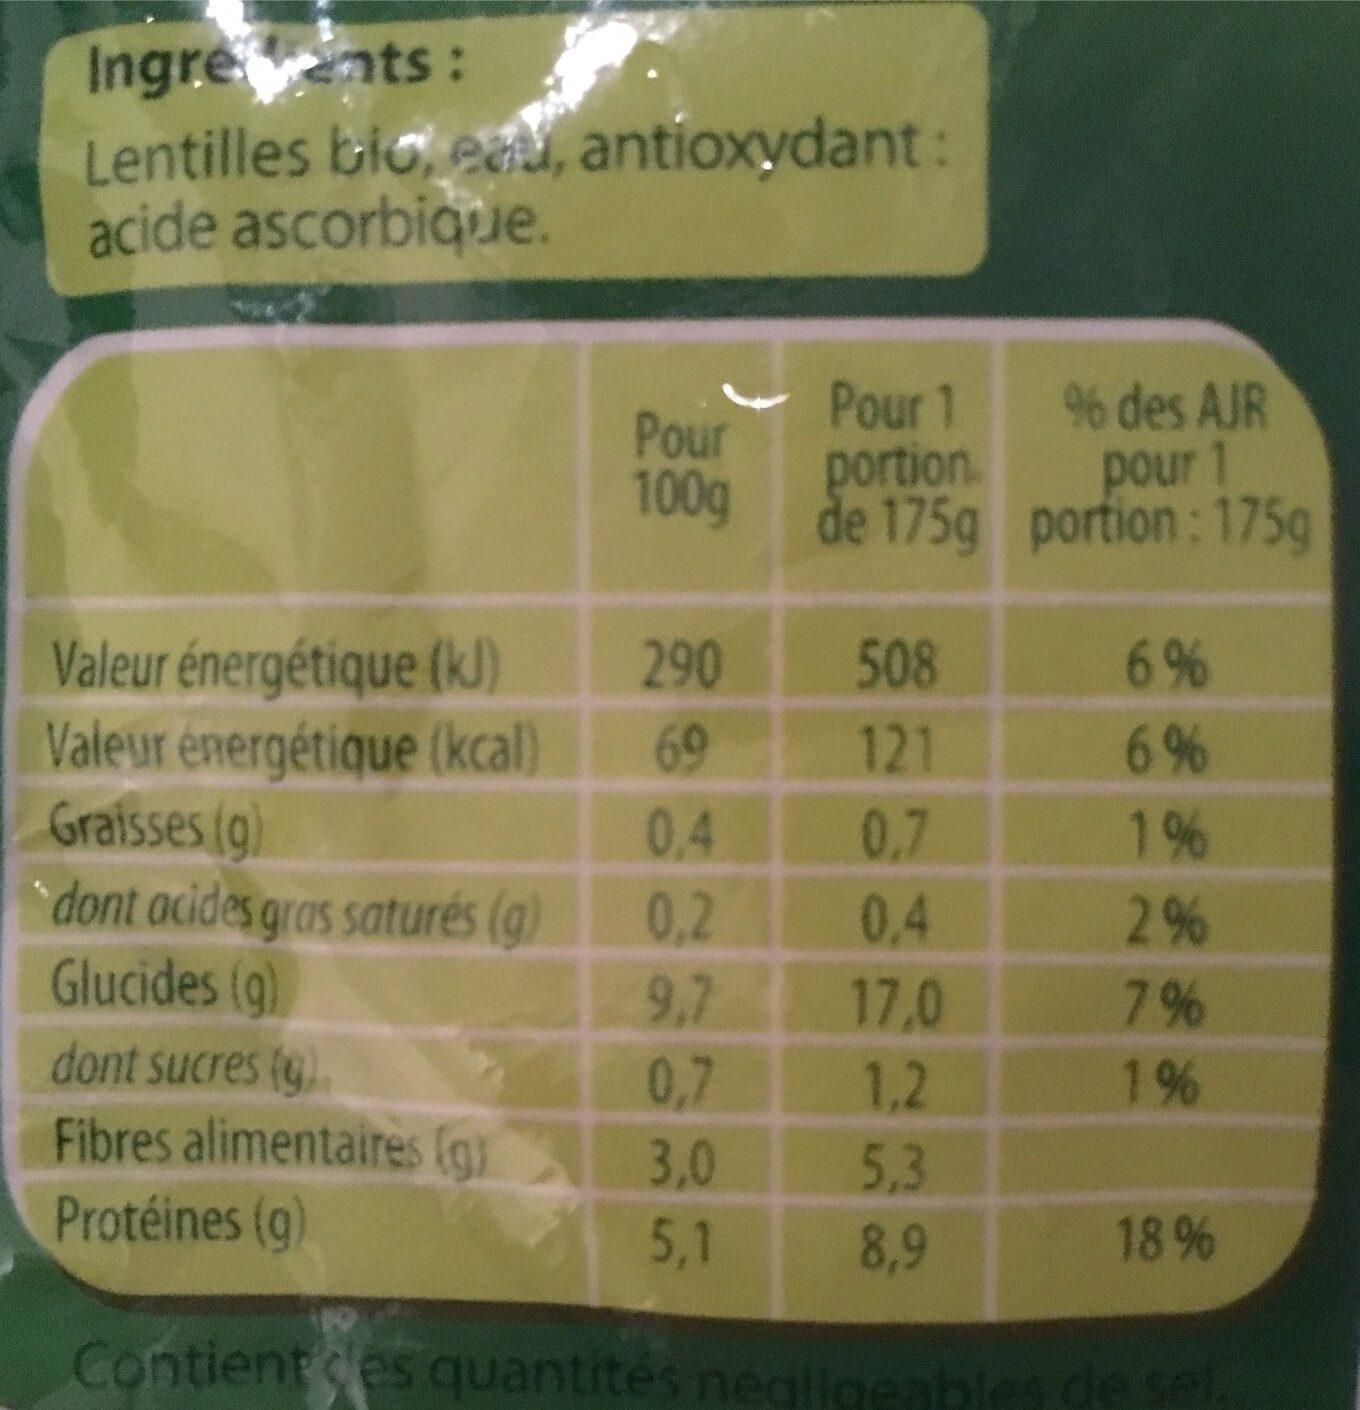 Lentilles bio au naturel - Informations nutritionnelles